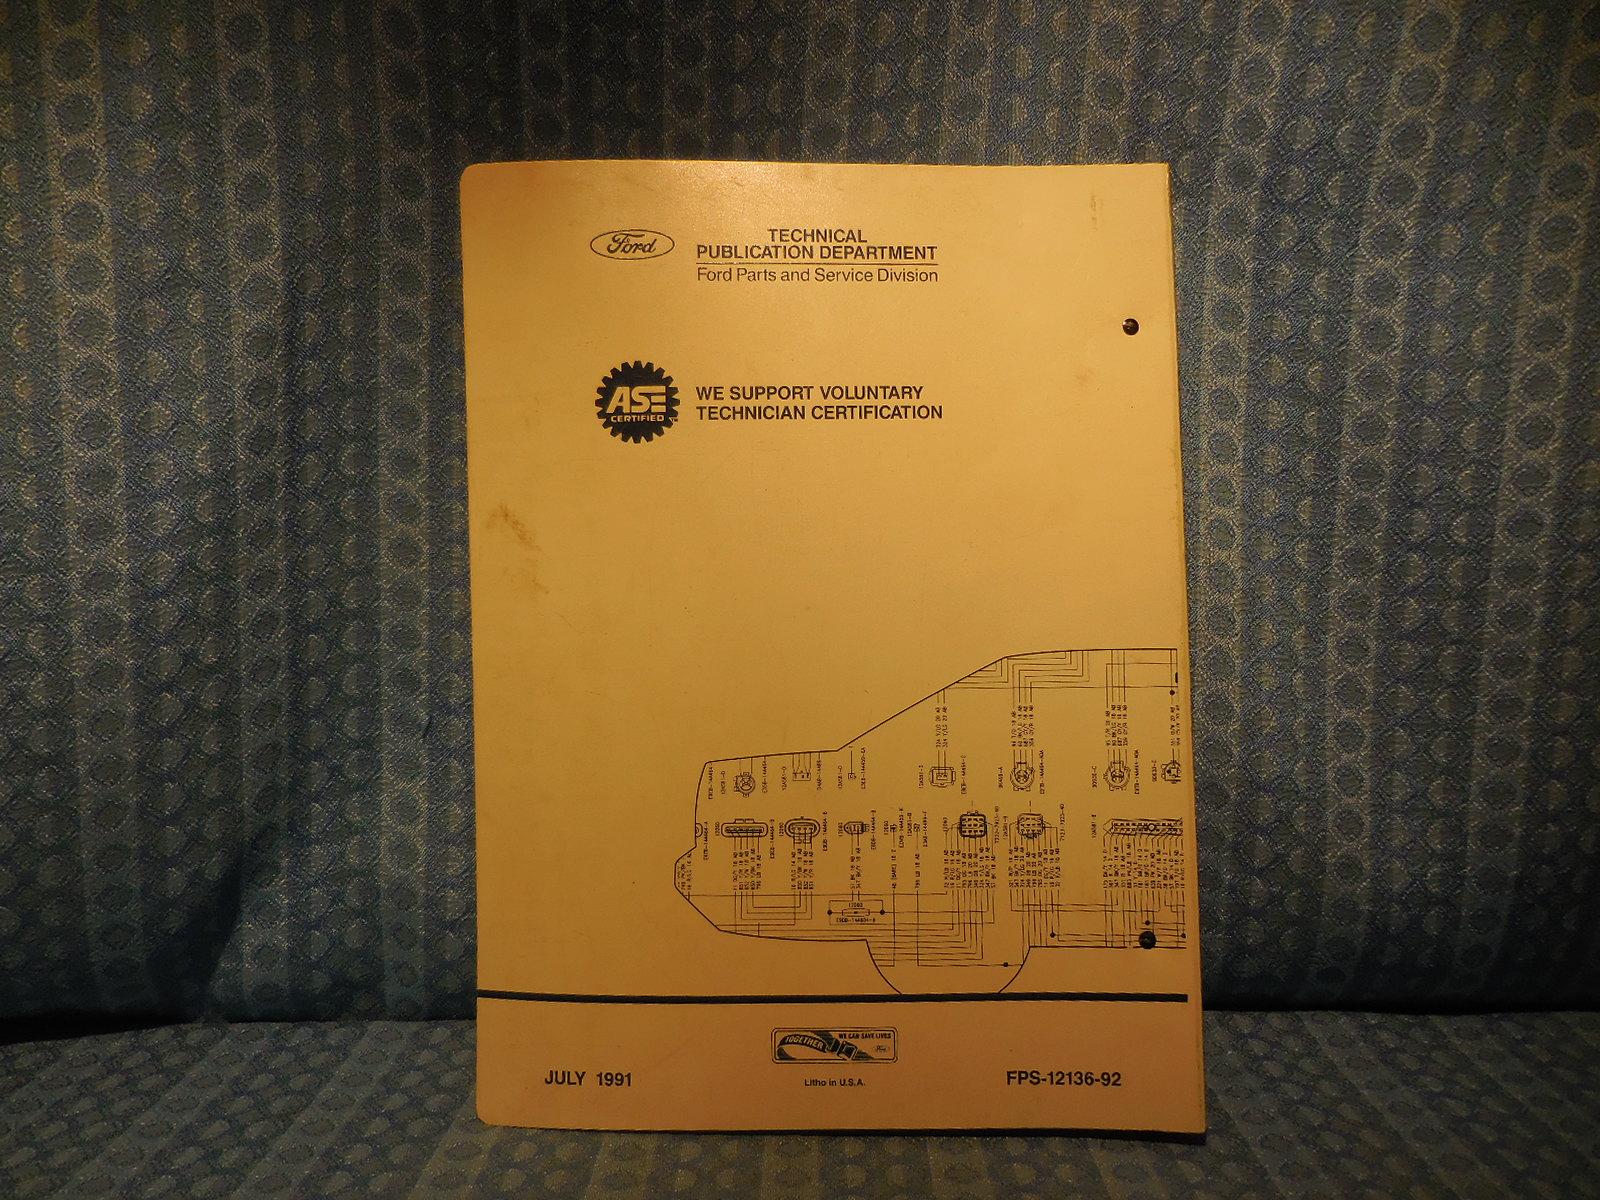 92 Cougar Wiring Diagram Data Schematics Wiring Diagram \u2022 2000 Mercury  Cougar Engine Diagram Ford Cougar Wiring Diagram